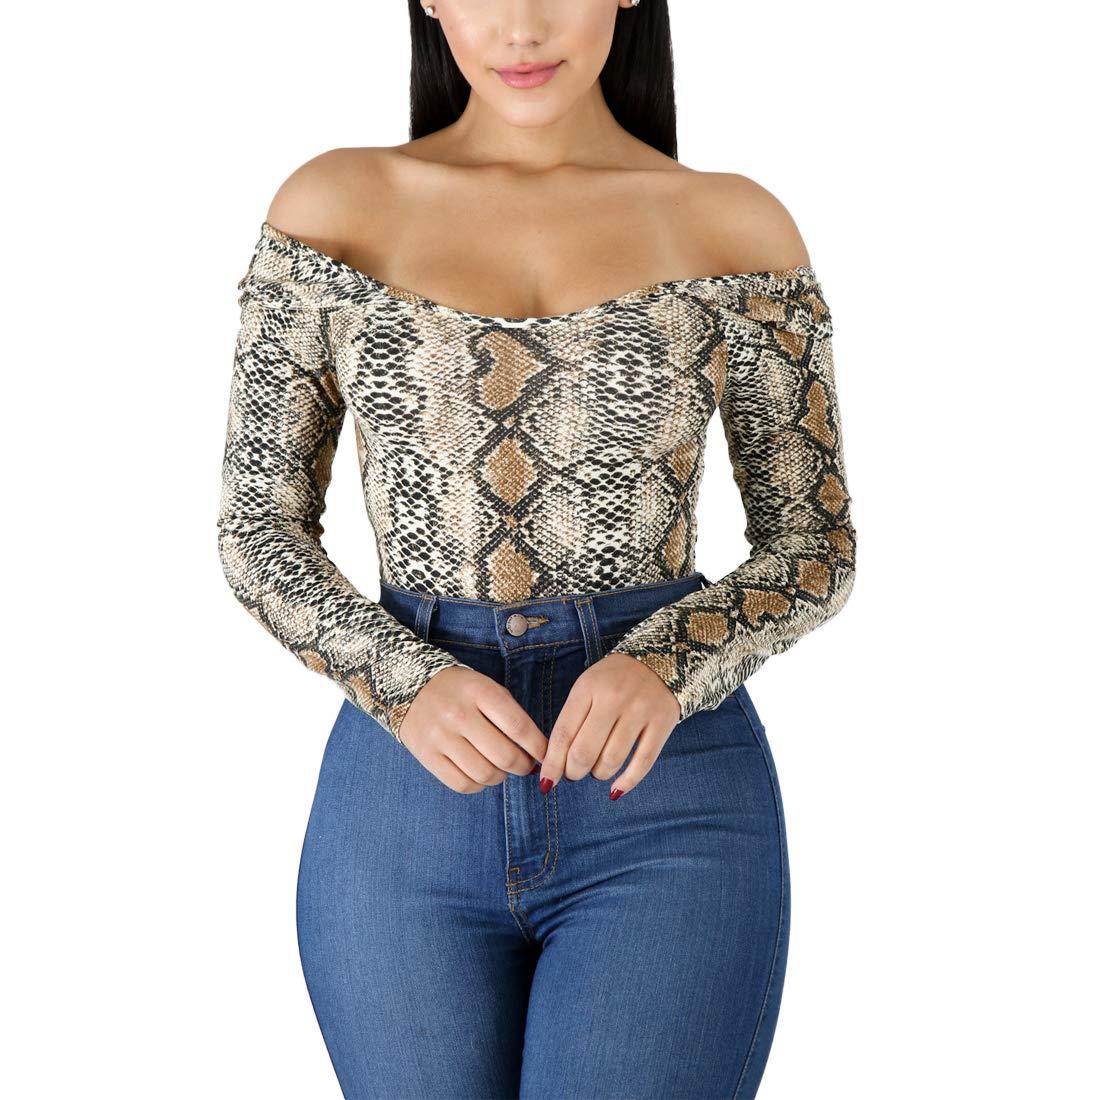 c07d6ec8e806 Amazon.com: Weigou Women Jumpsuits Rompers Leopard Leotard Long Sleeve  Square Collar Bodysuit Women: Clothing